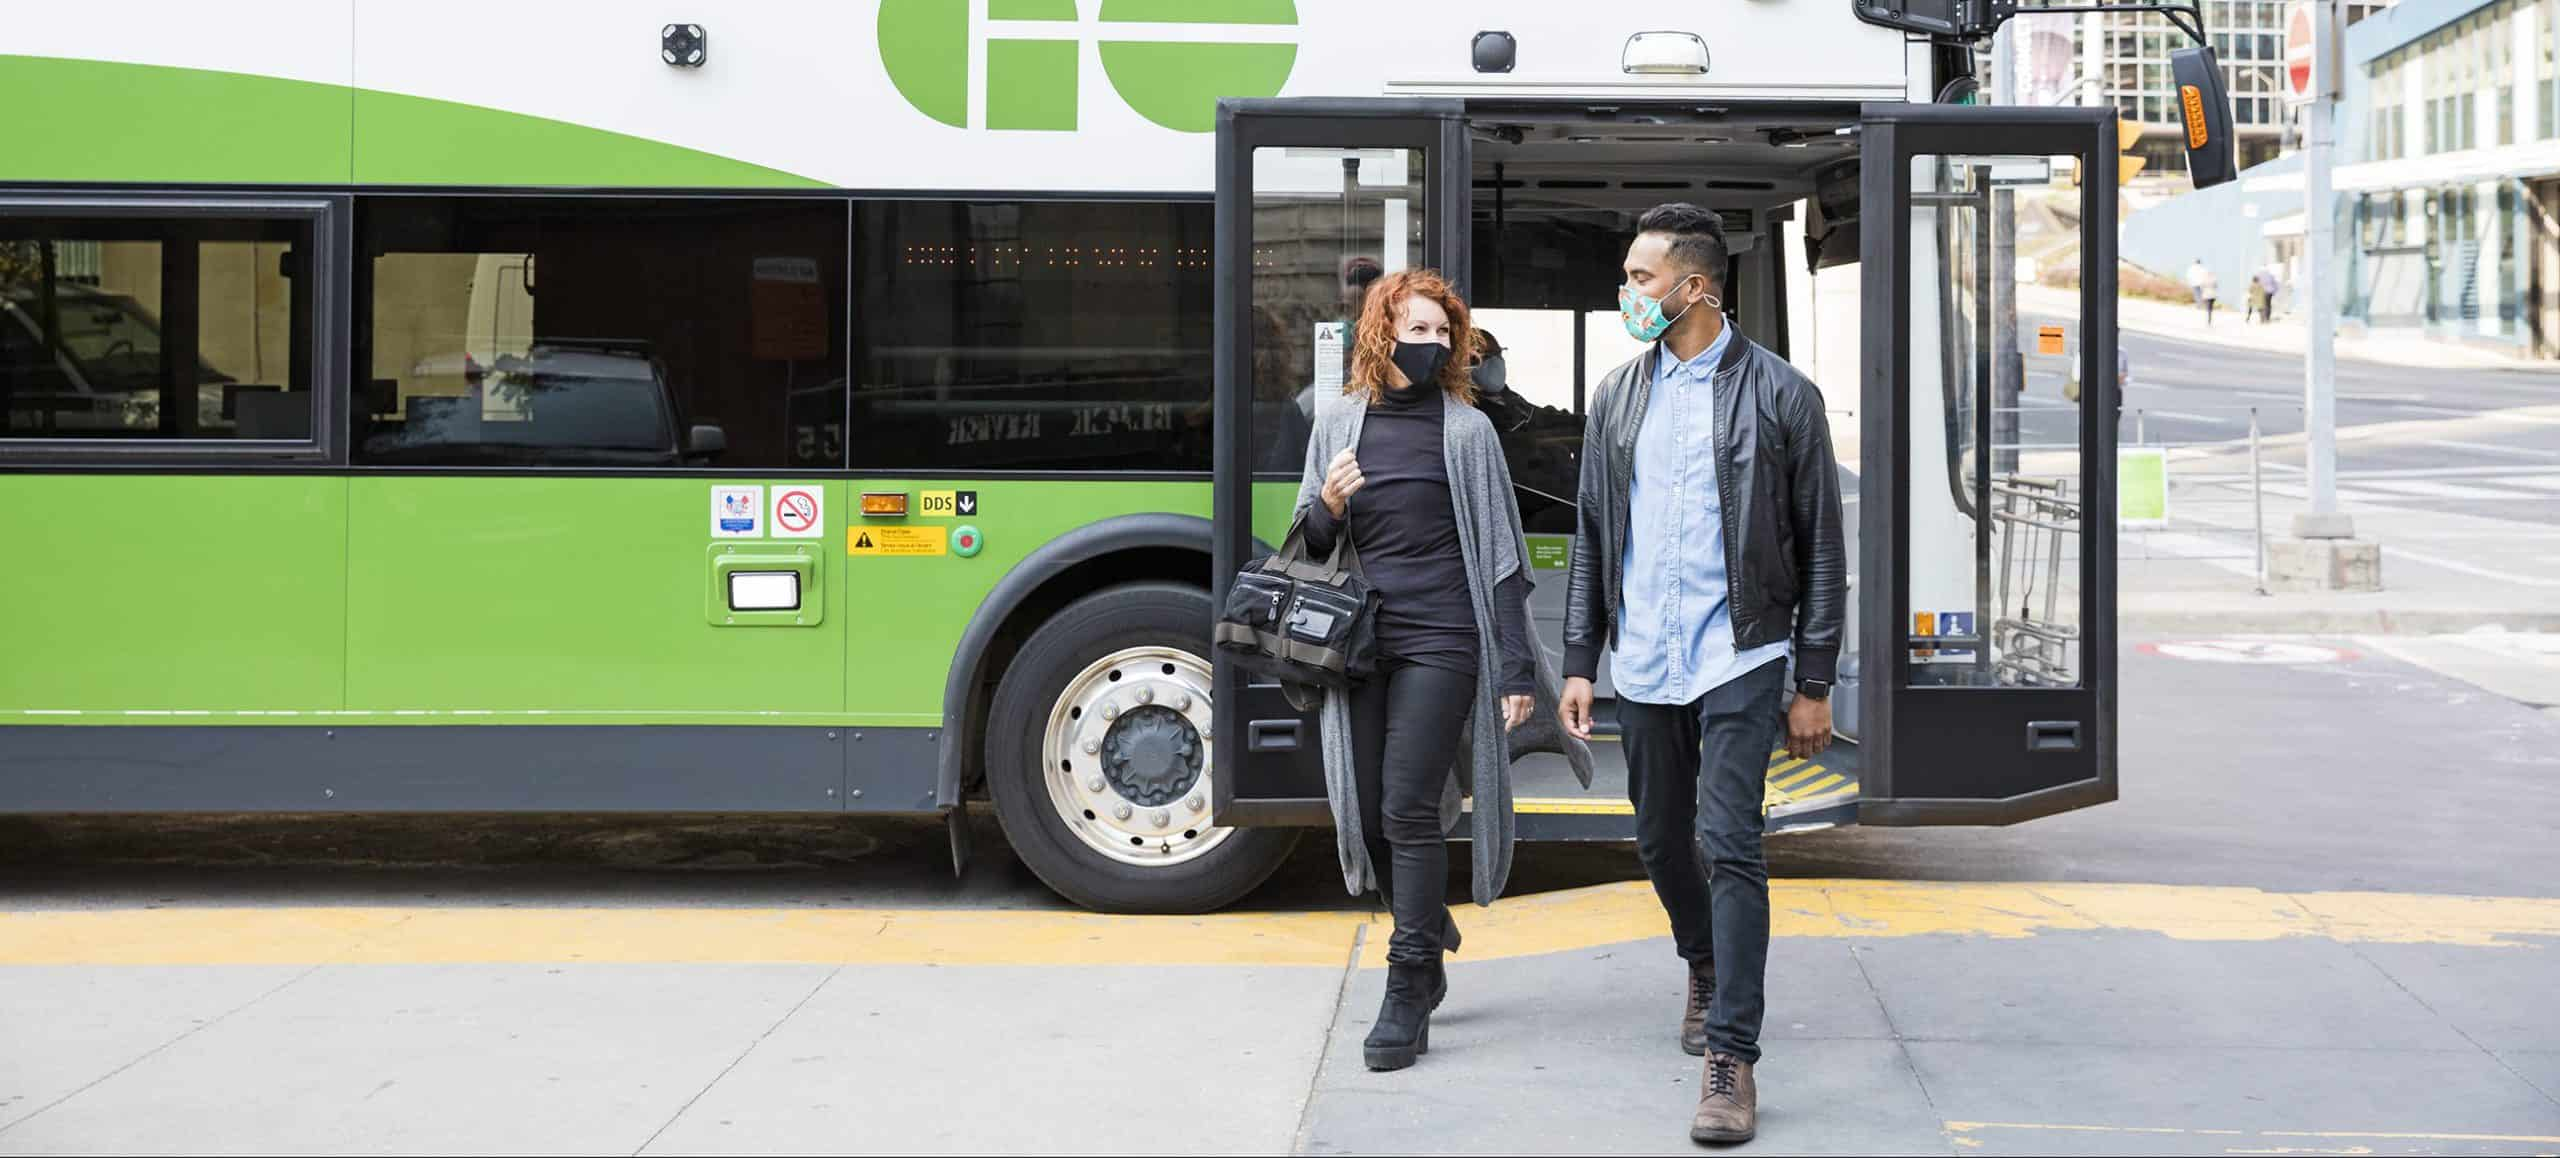 bus_loops